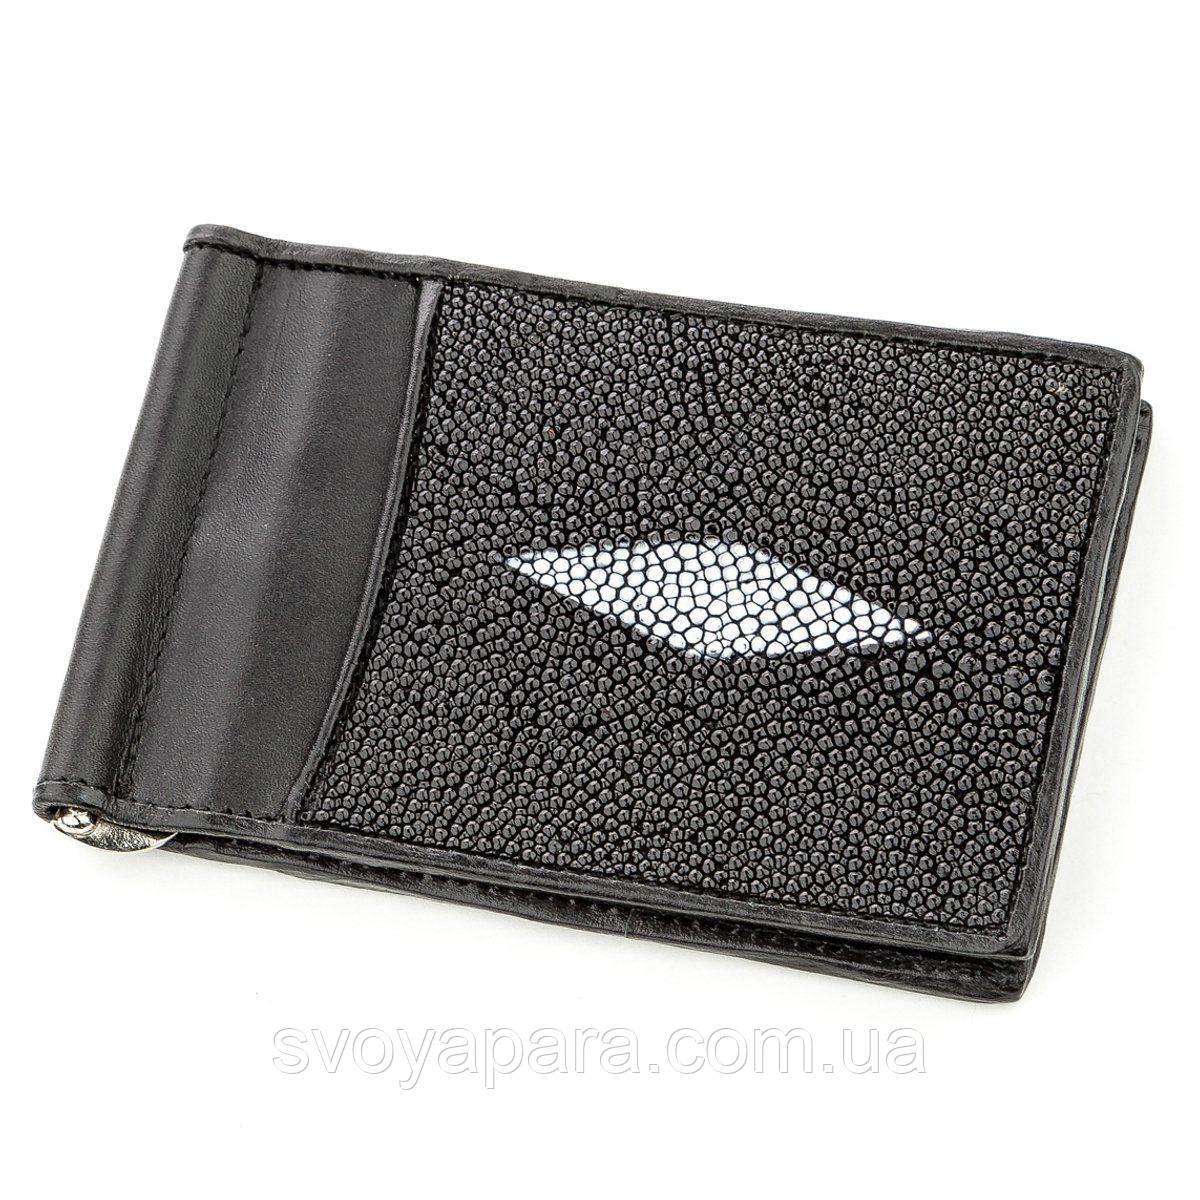 Зажим для денег STINGRAY LEATHER 18559 из натуральной кожи морского ската Черный